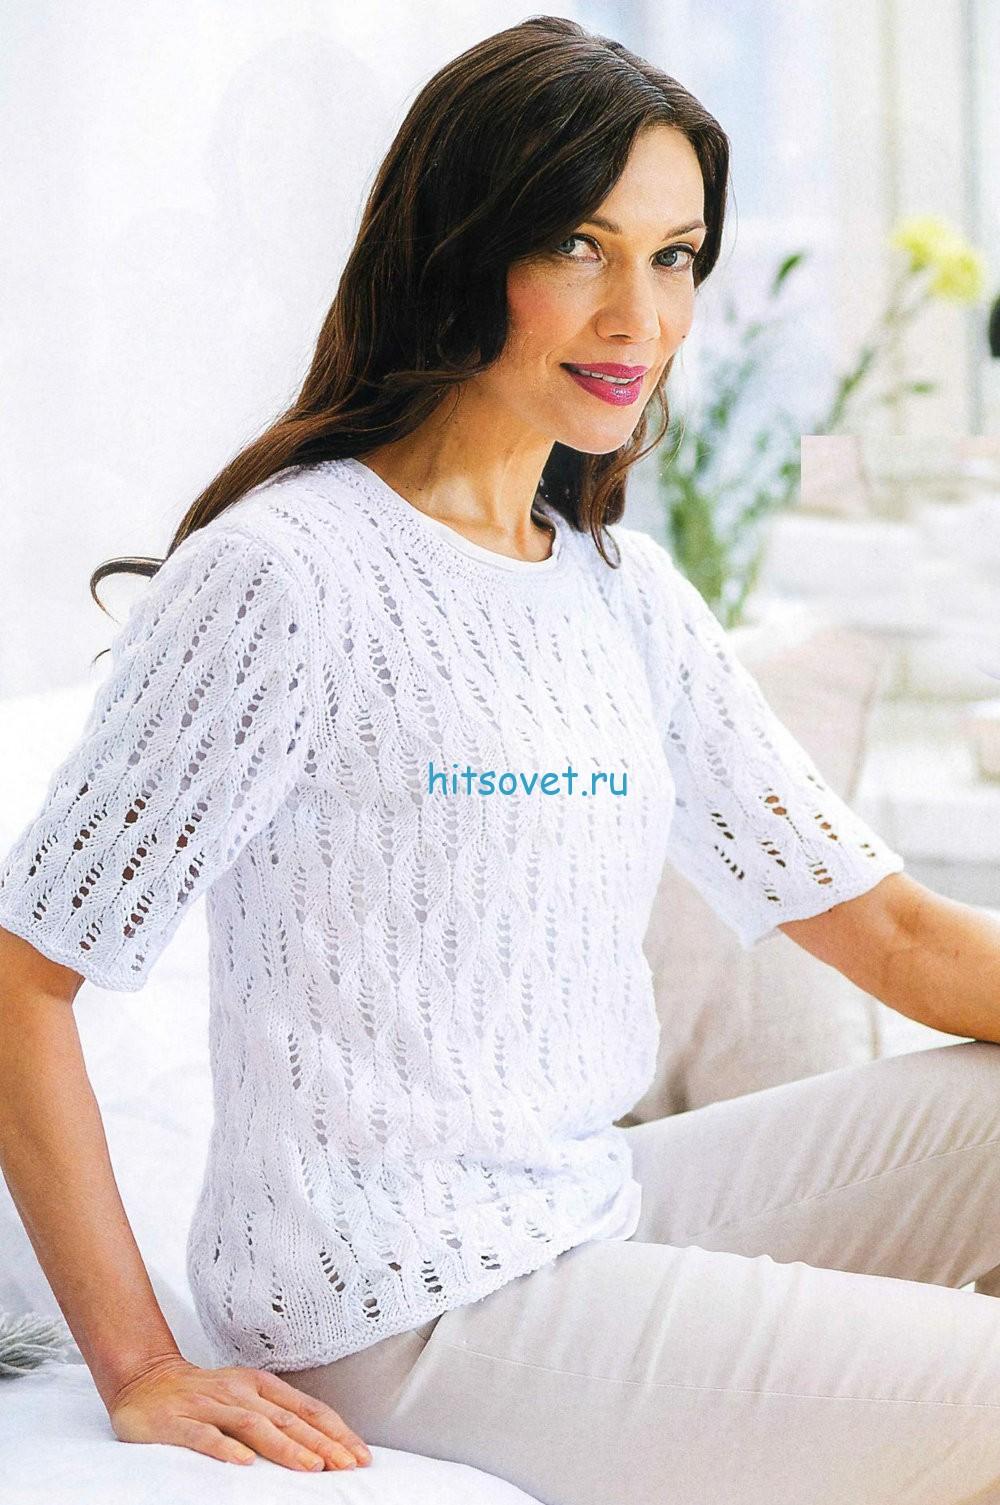 Вязание спицами для женщин пуловера